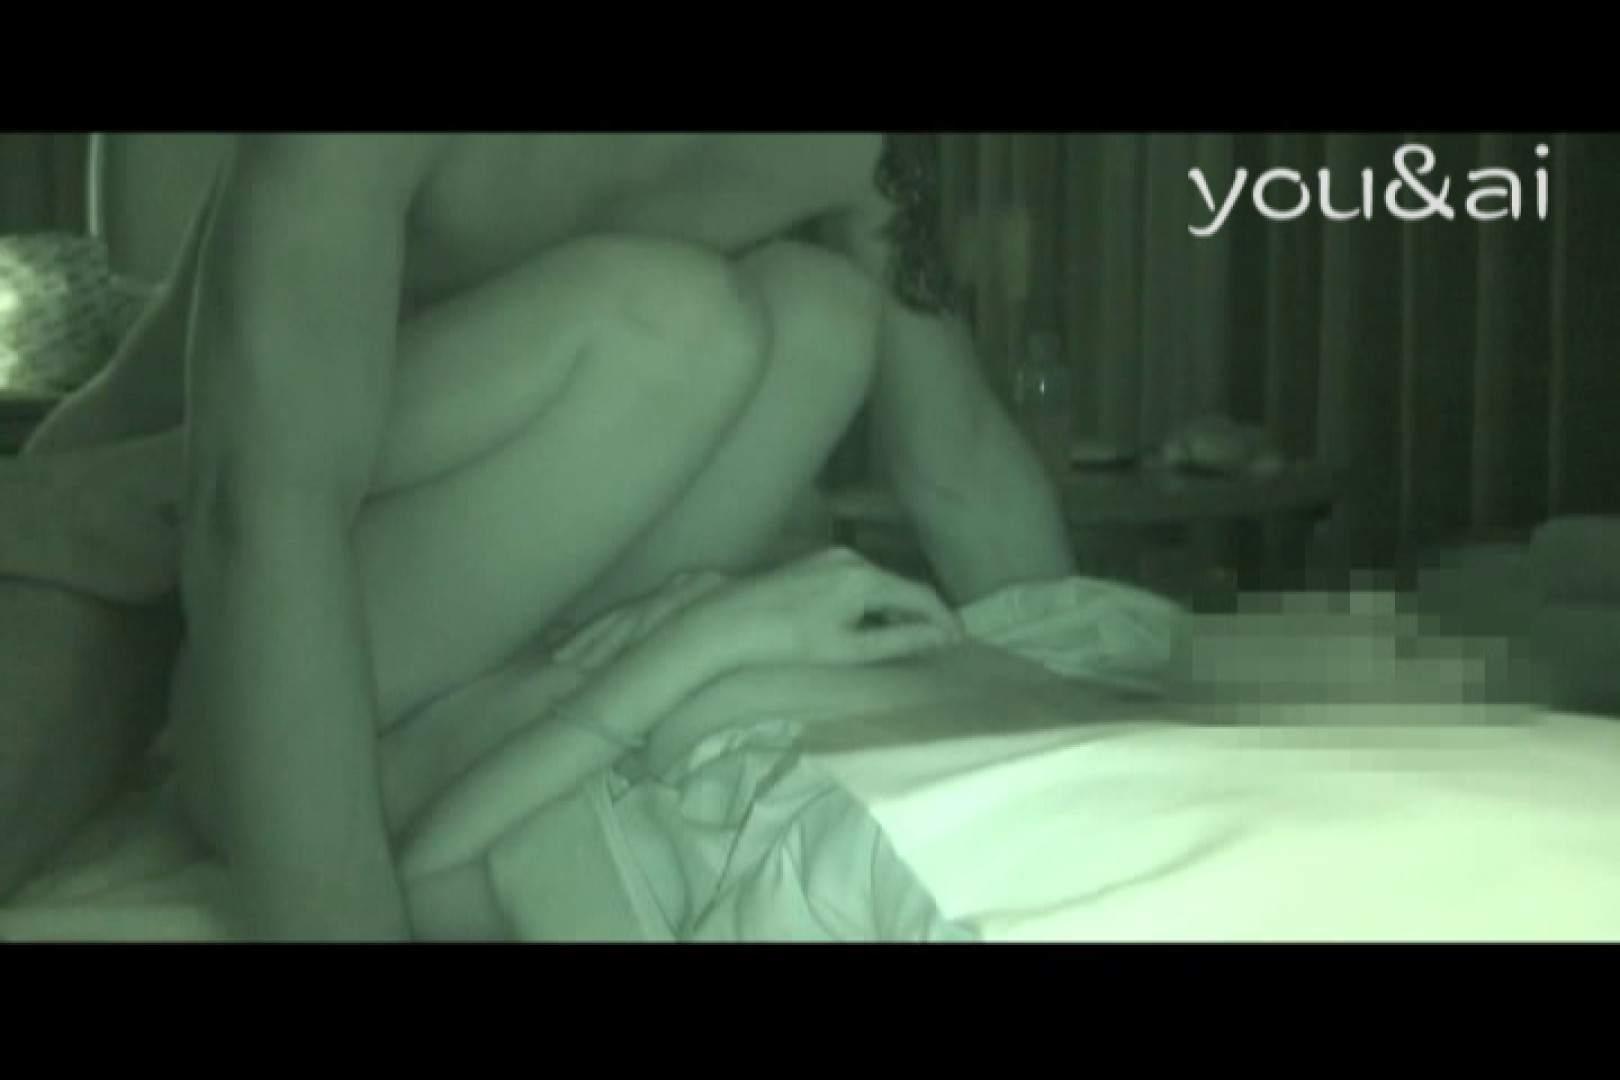 おしどり夫婦のyou&aiさん投稿作品vol.12 ホテル オマンコ動画キャプチャ 104PIX 32